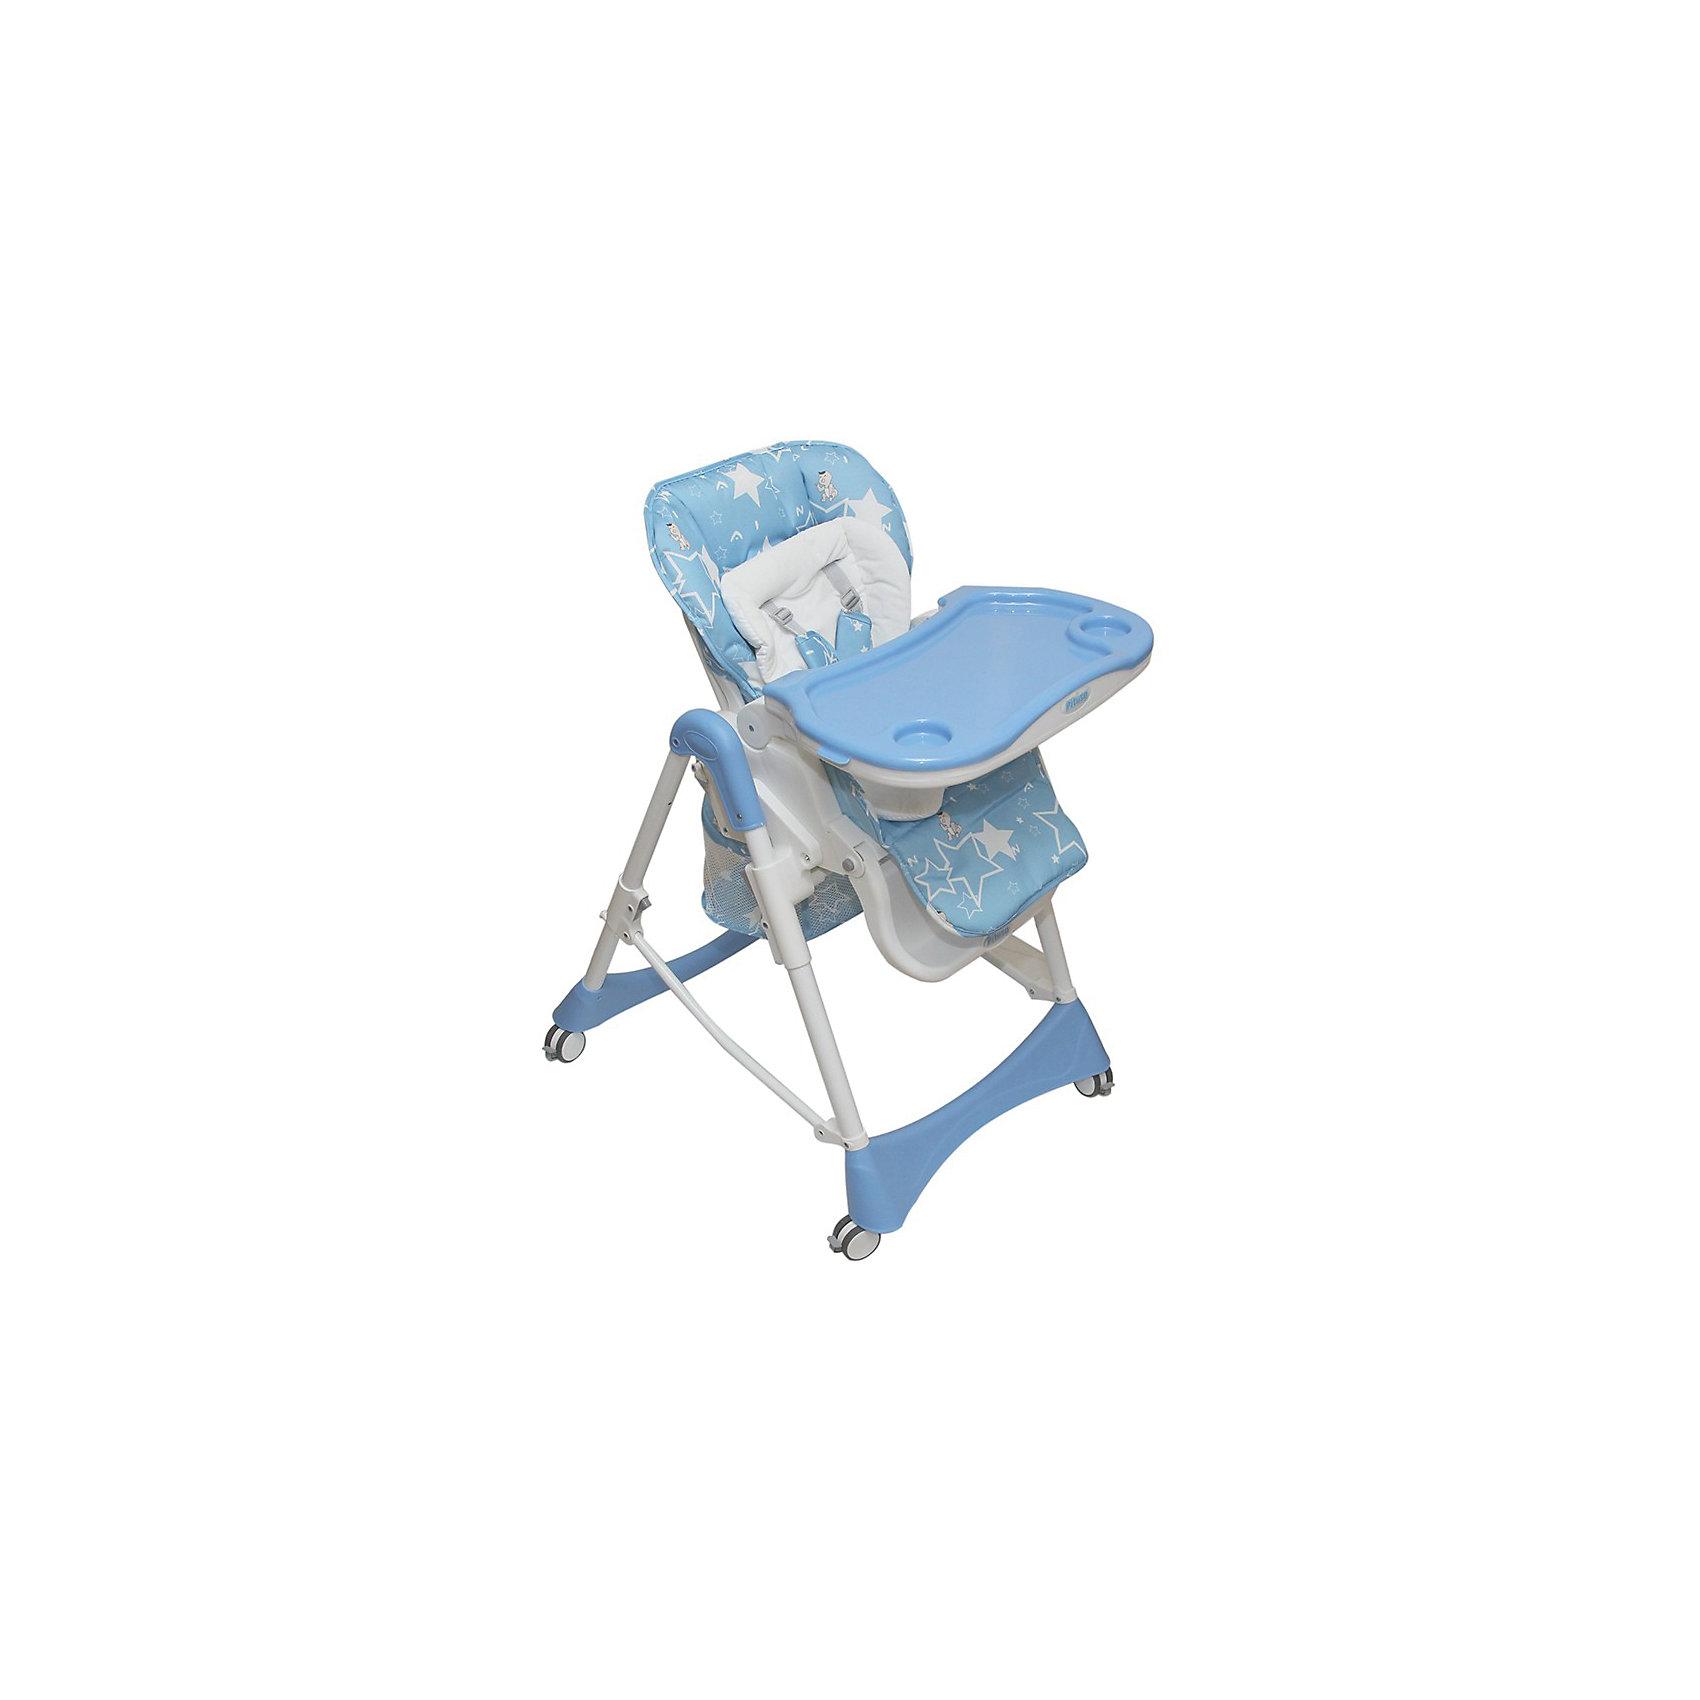 Pituso Стульчик для кормления Nana, Pituso, голубой pituso стульчик для кормления bonito дружок попугай pituso белый